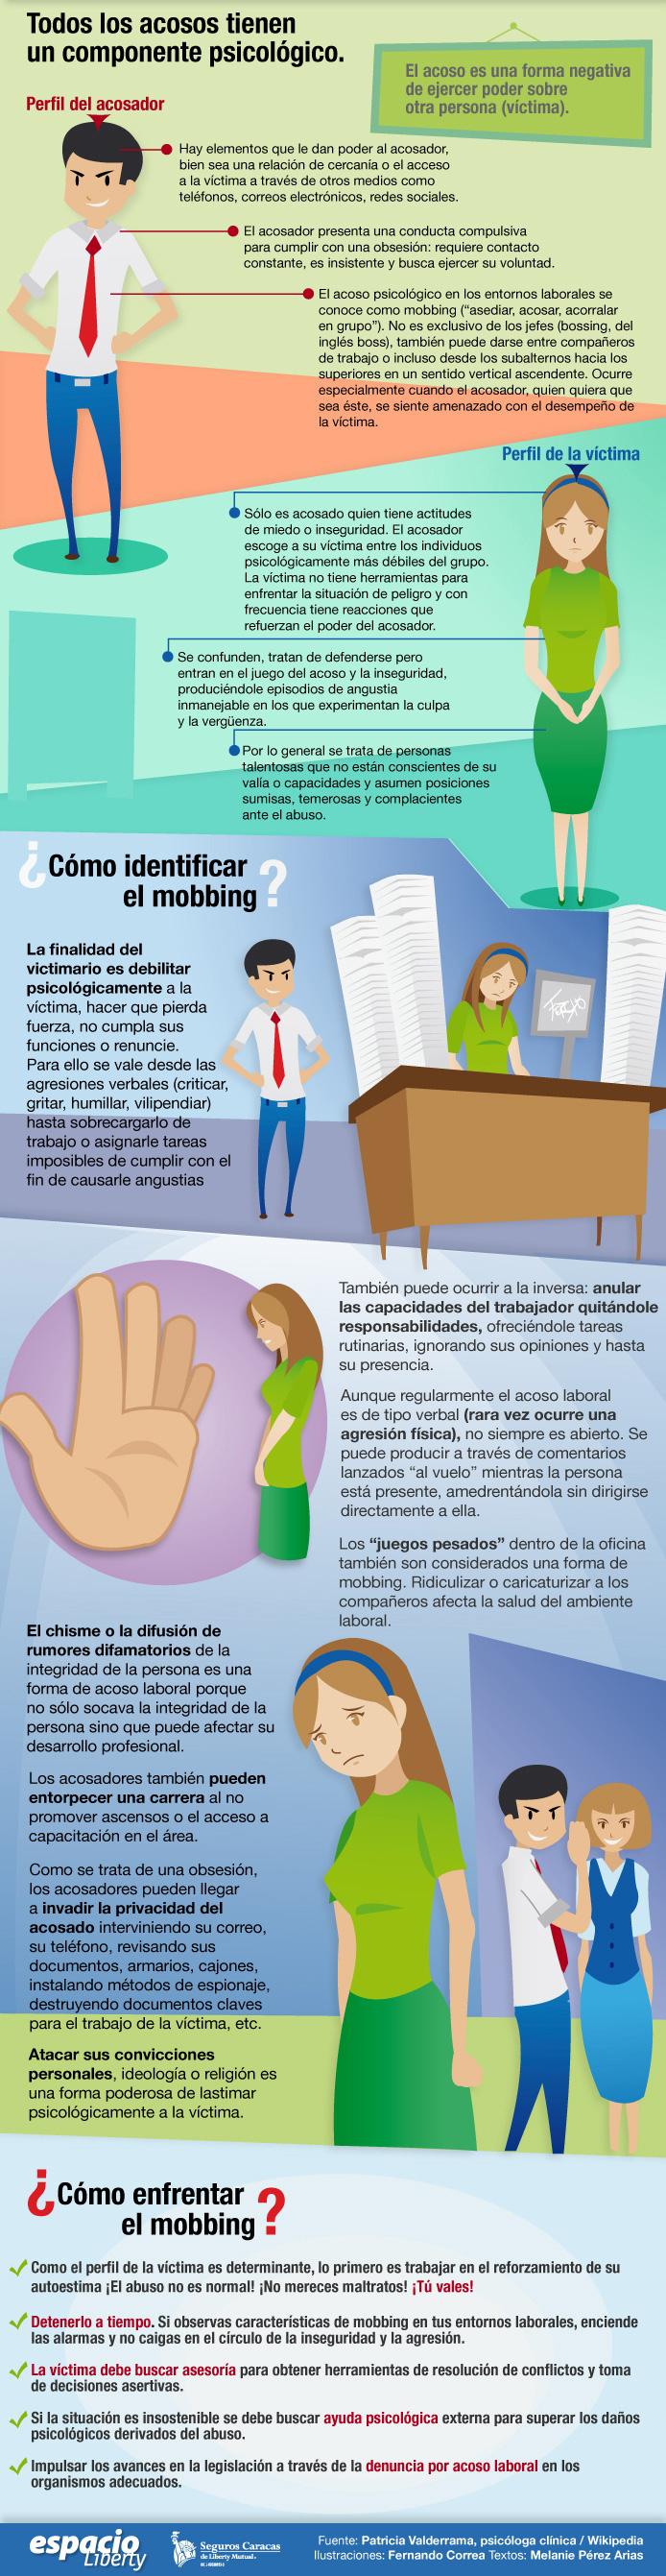 Infografía mobbing acoso laboral